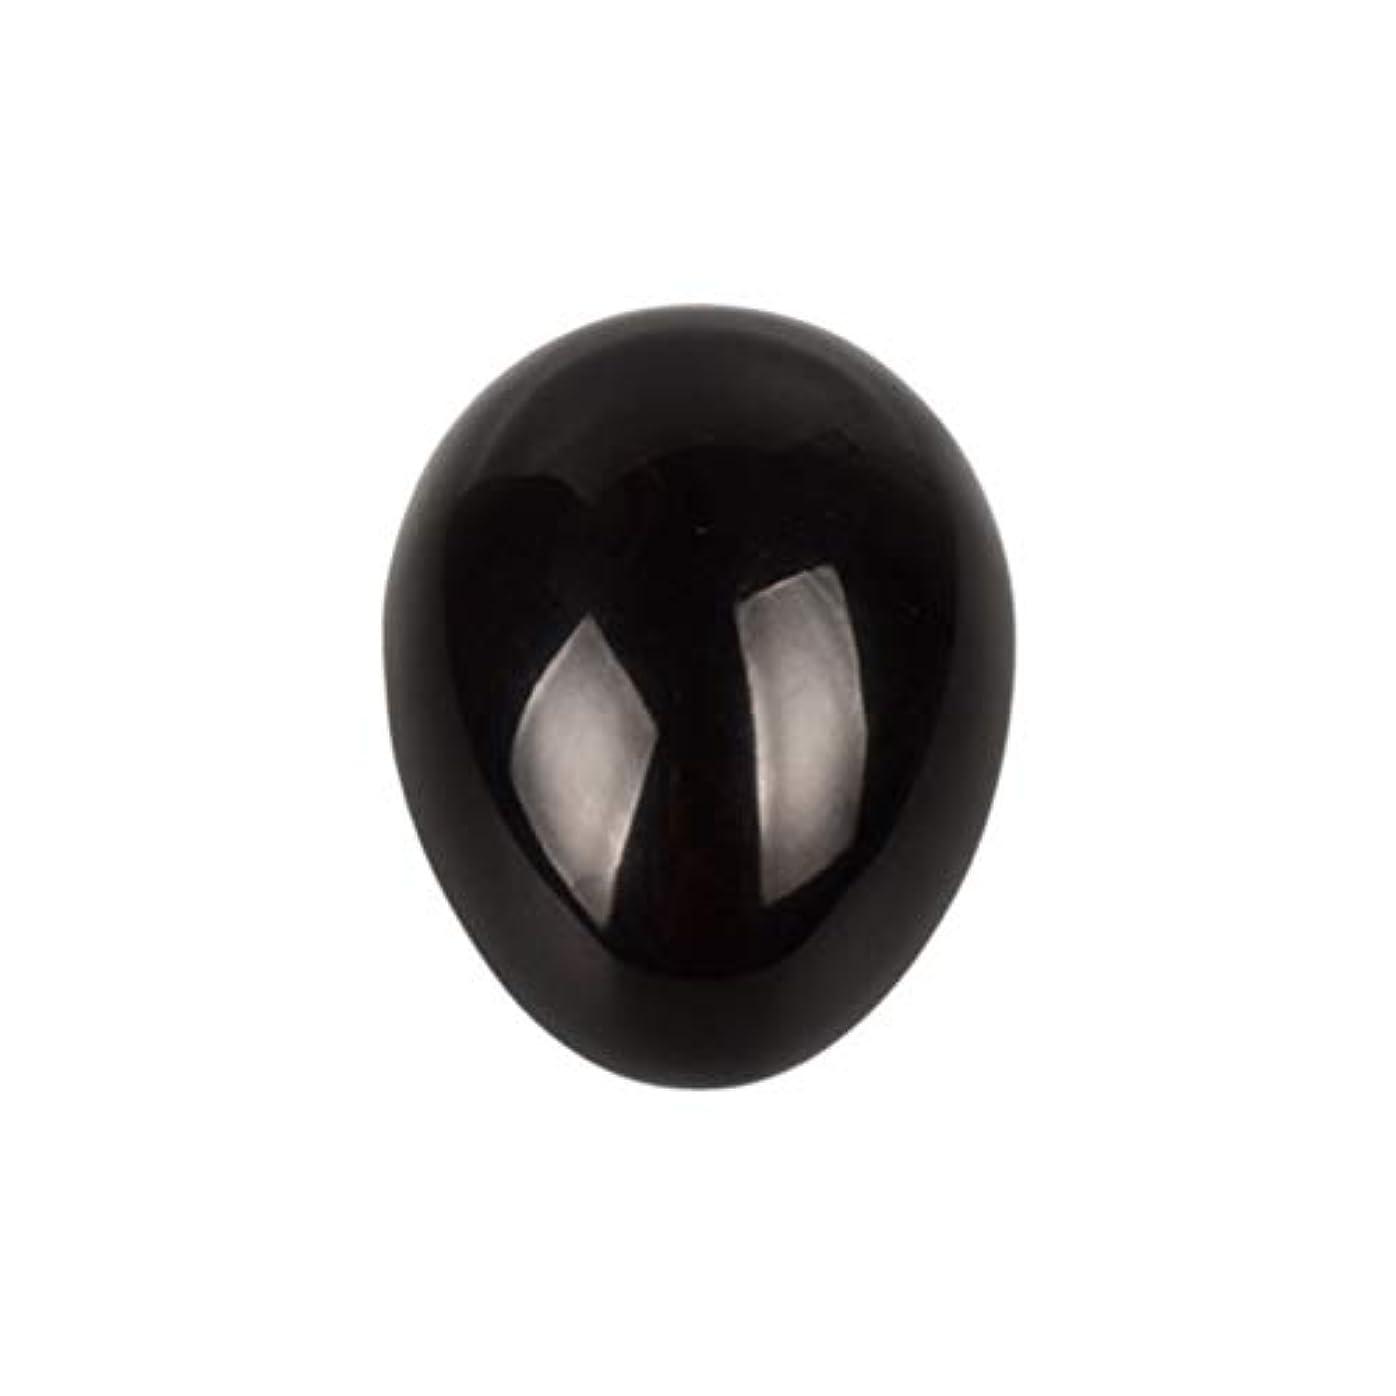 信念ミスペンド祖父母を訪問ROSENICE 瞑想チャクラバランスのための黒曜石の卵の球